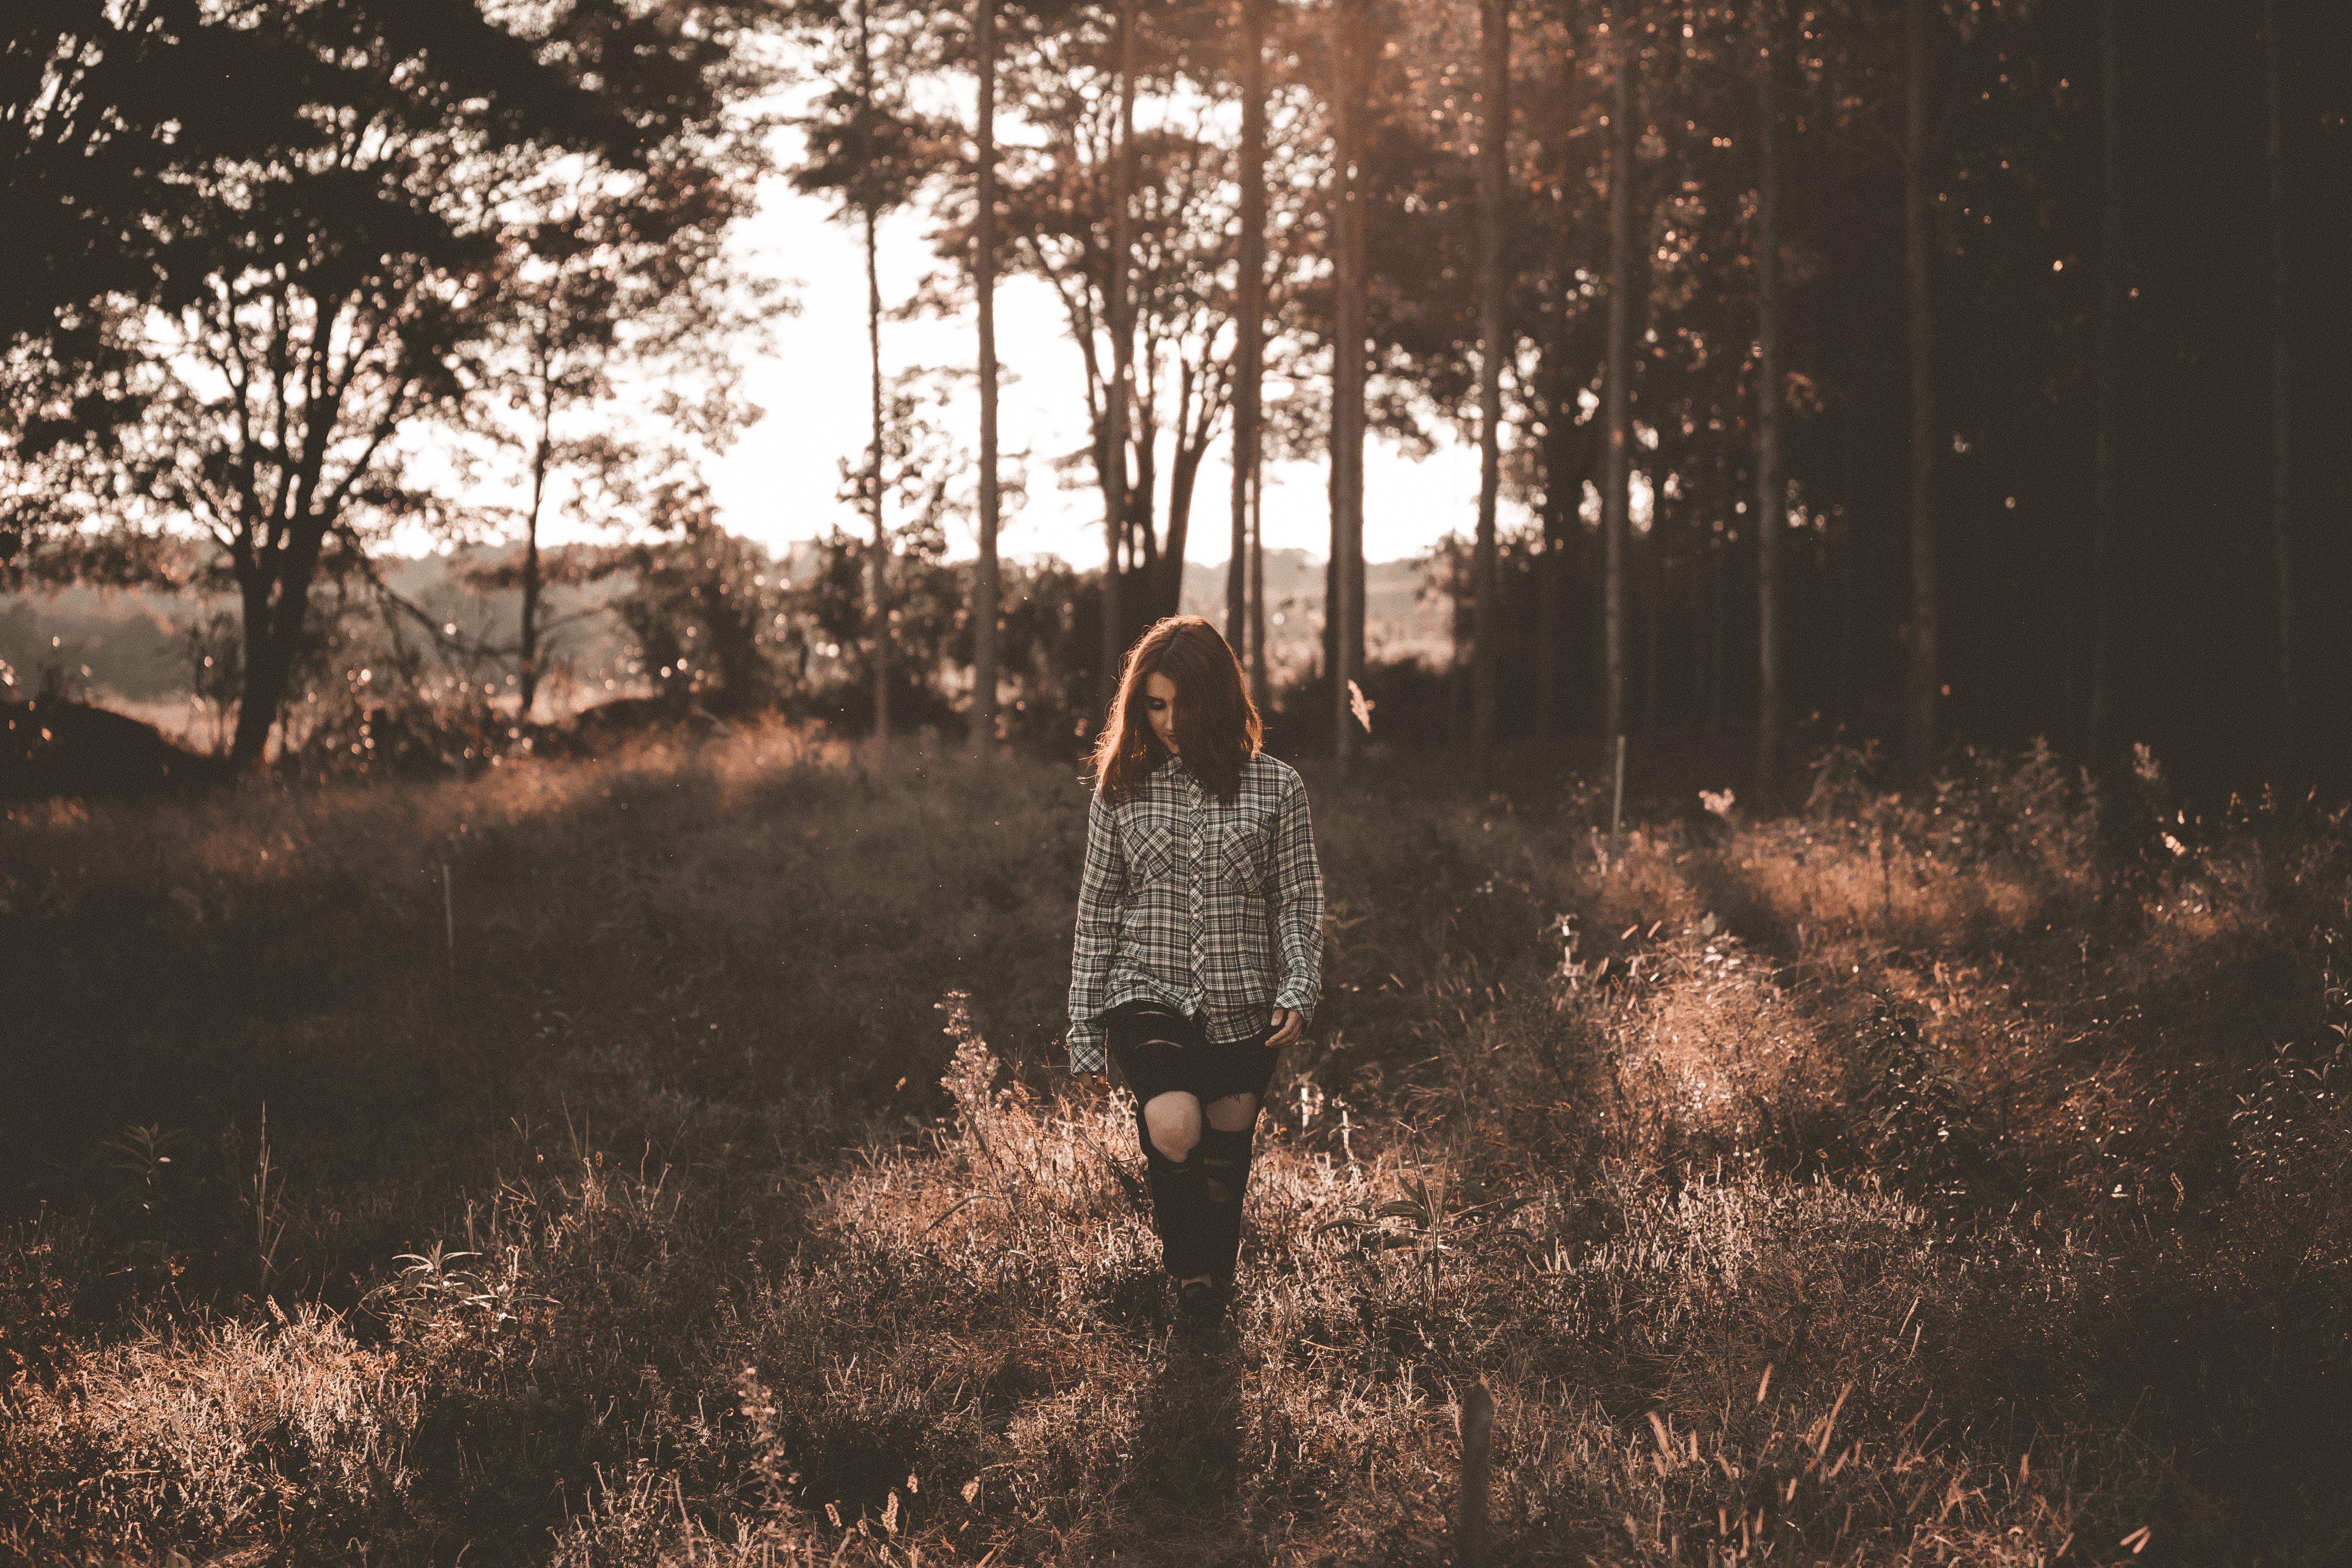 Fotoğraf Peyzaj Ağaç Doğa Orman çimen şube Kış ışık